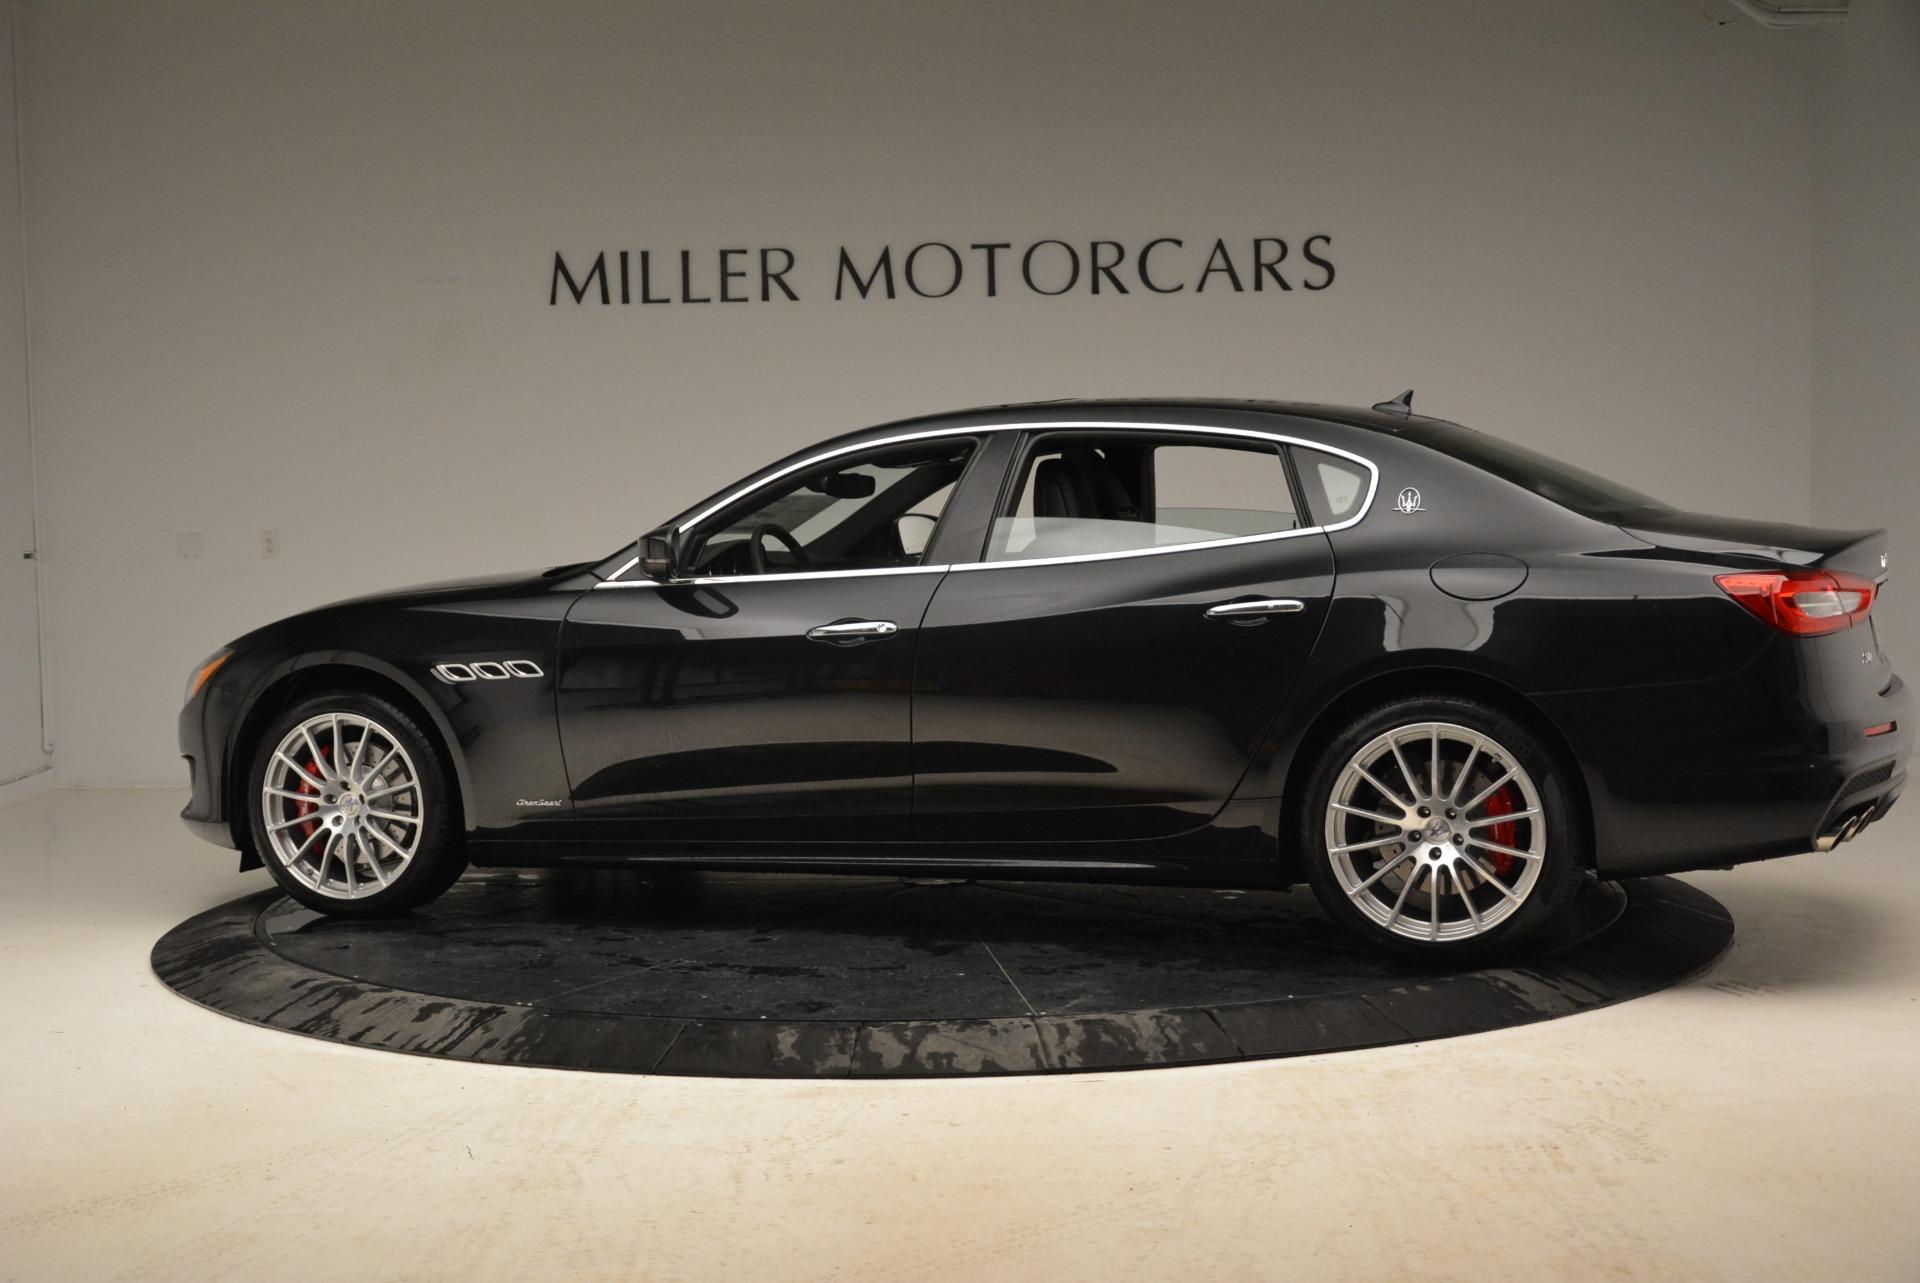 New 2018 Maserati Quattroporte S Q4 Gransport For Sale In Greenwich, CT 1943_p6